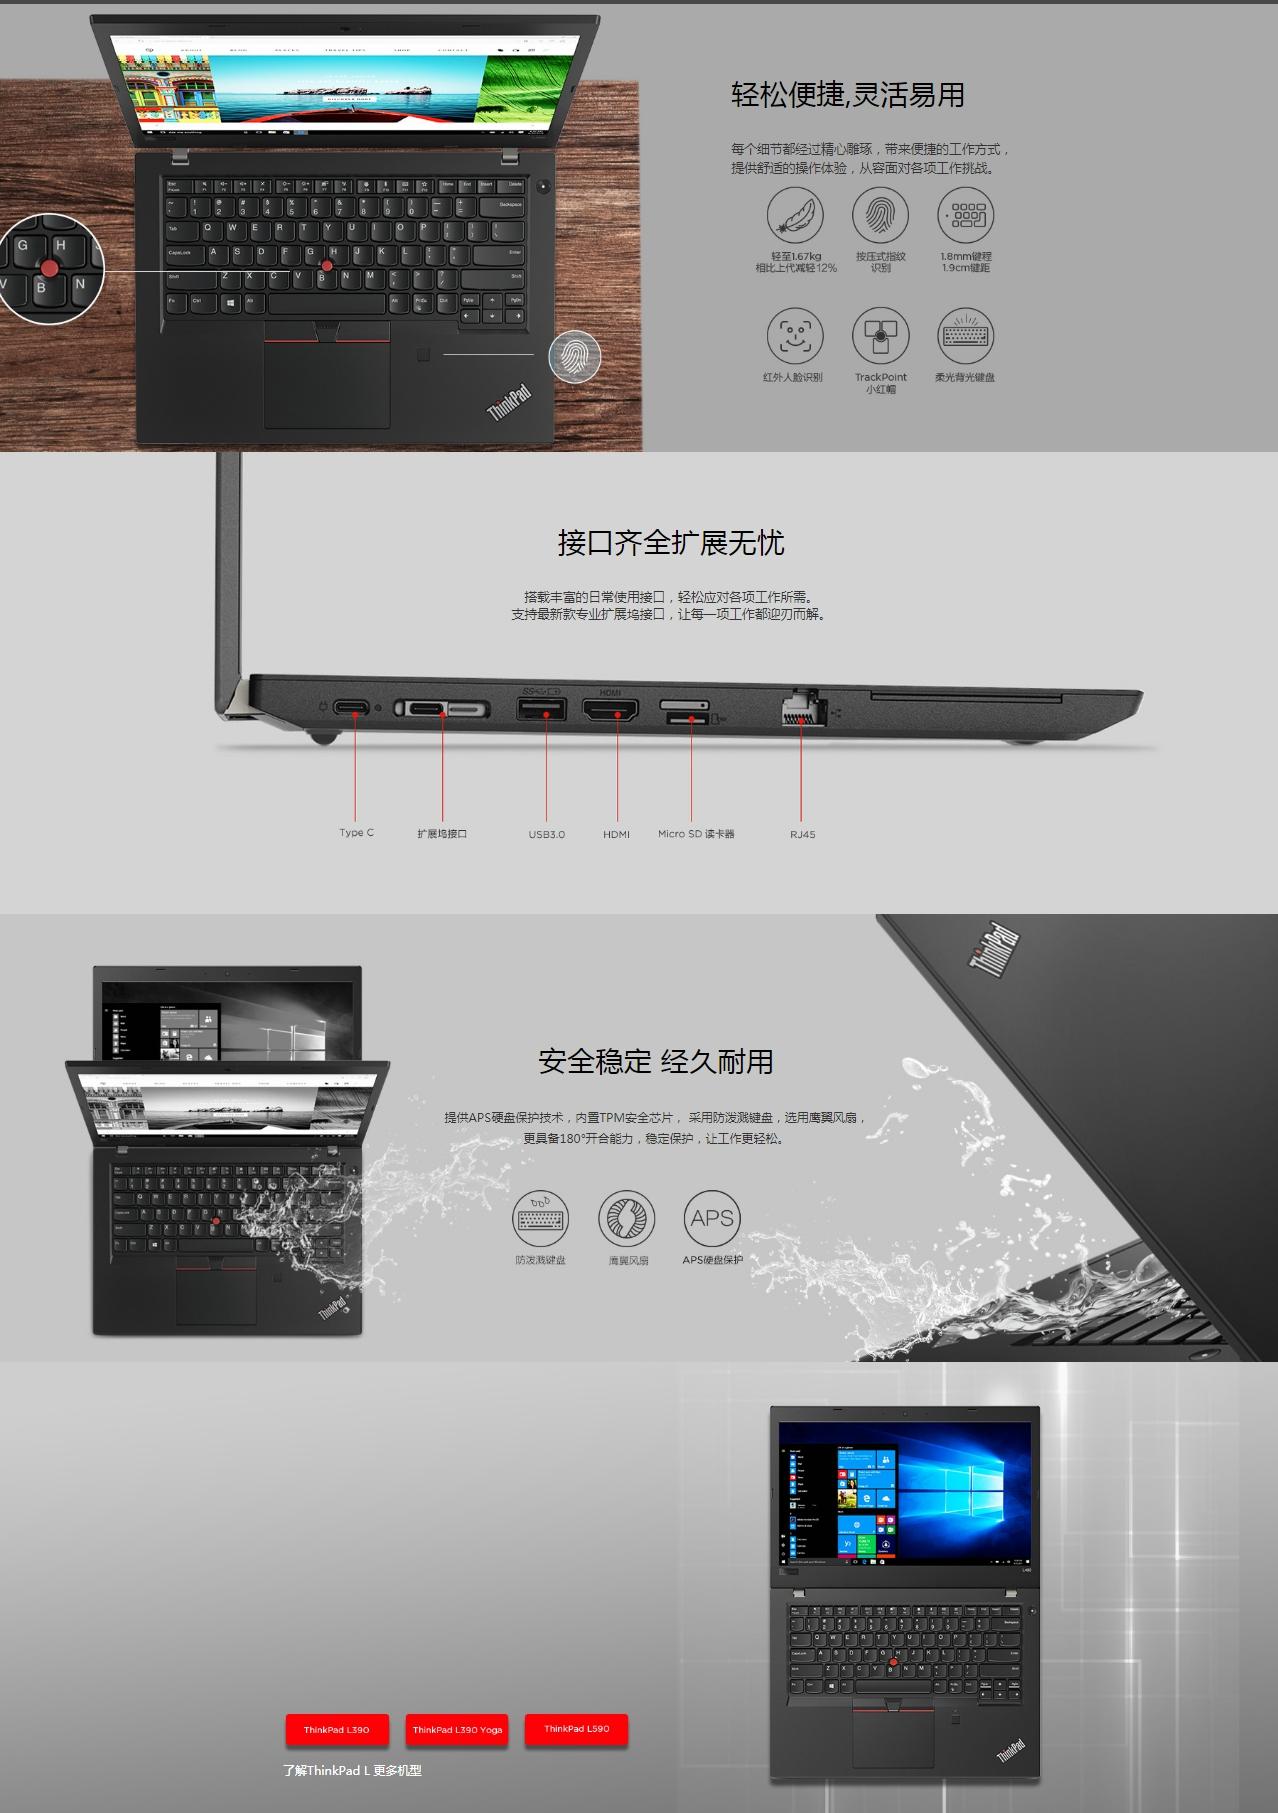 ThinkPad L490_wps图片.jpg